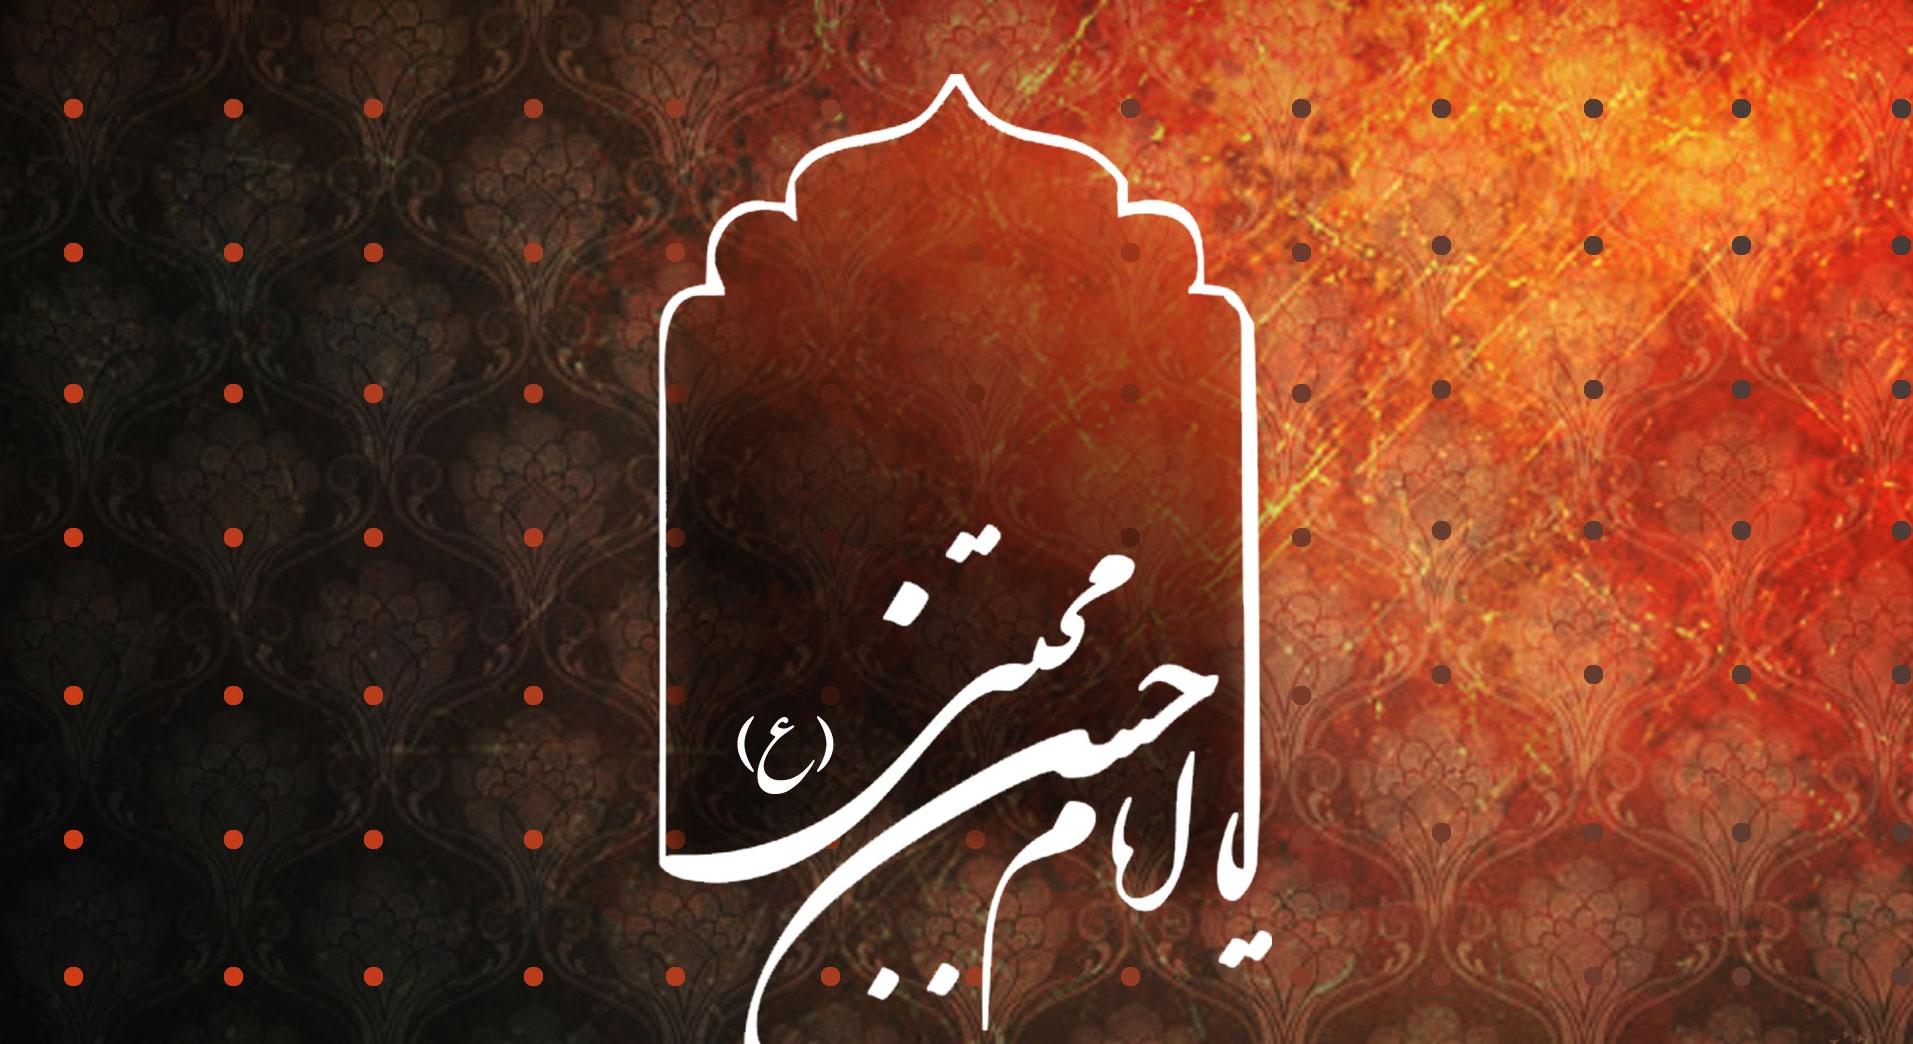 آیات قرآن کریم در توصیف امام حسن (ع)